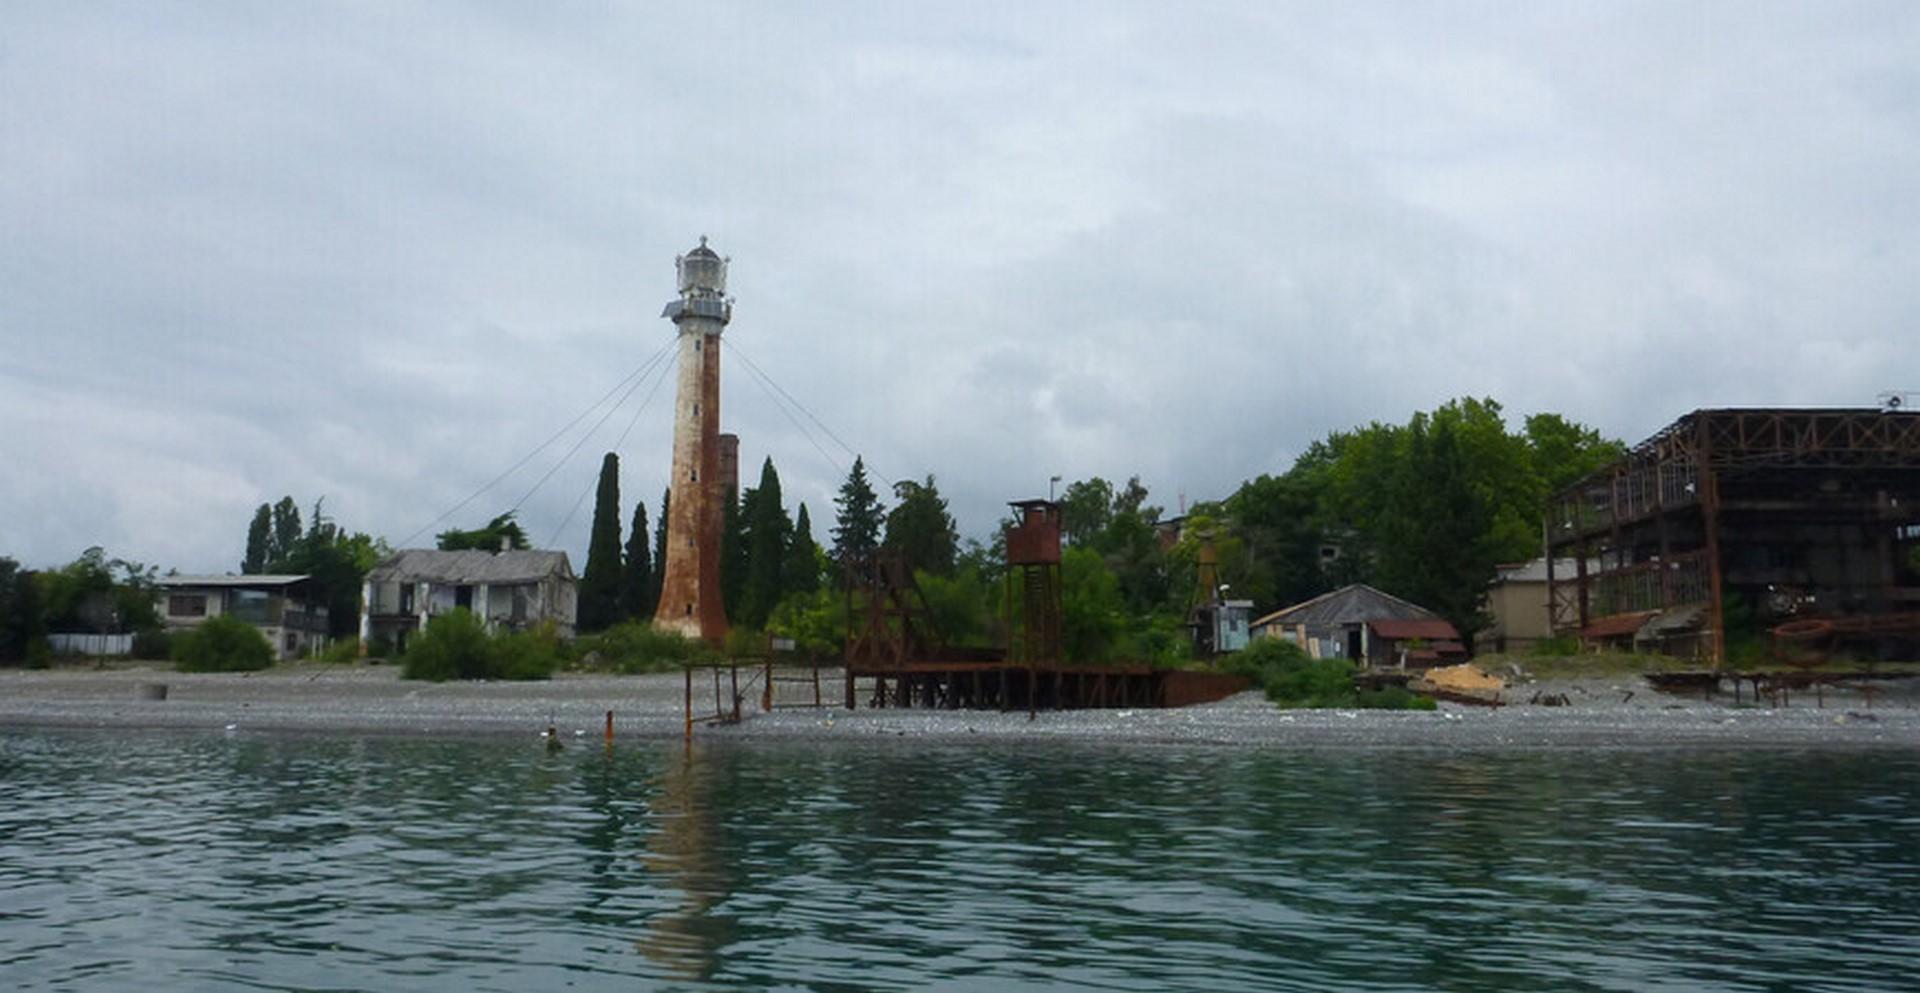 Информация о диком пляже Маяк в городе Сухум на лето 2021 года, отзывы, фотографии